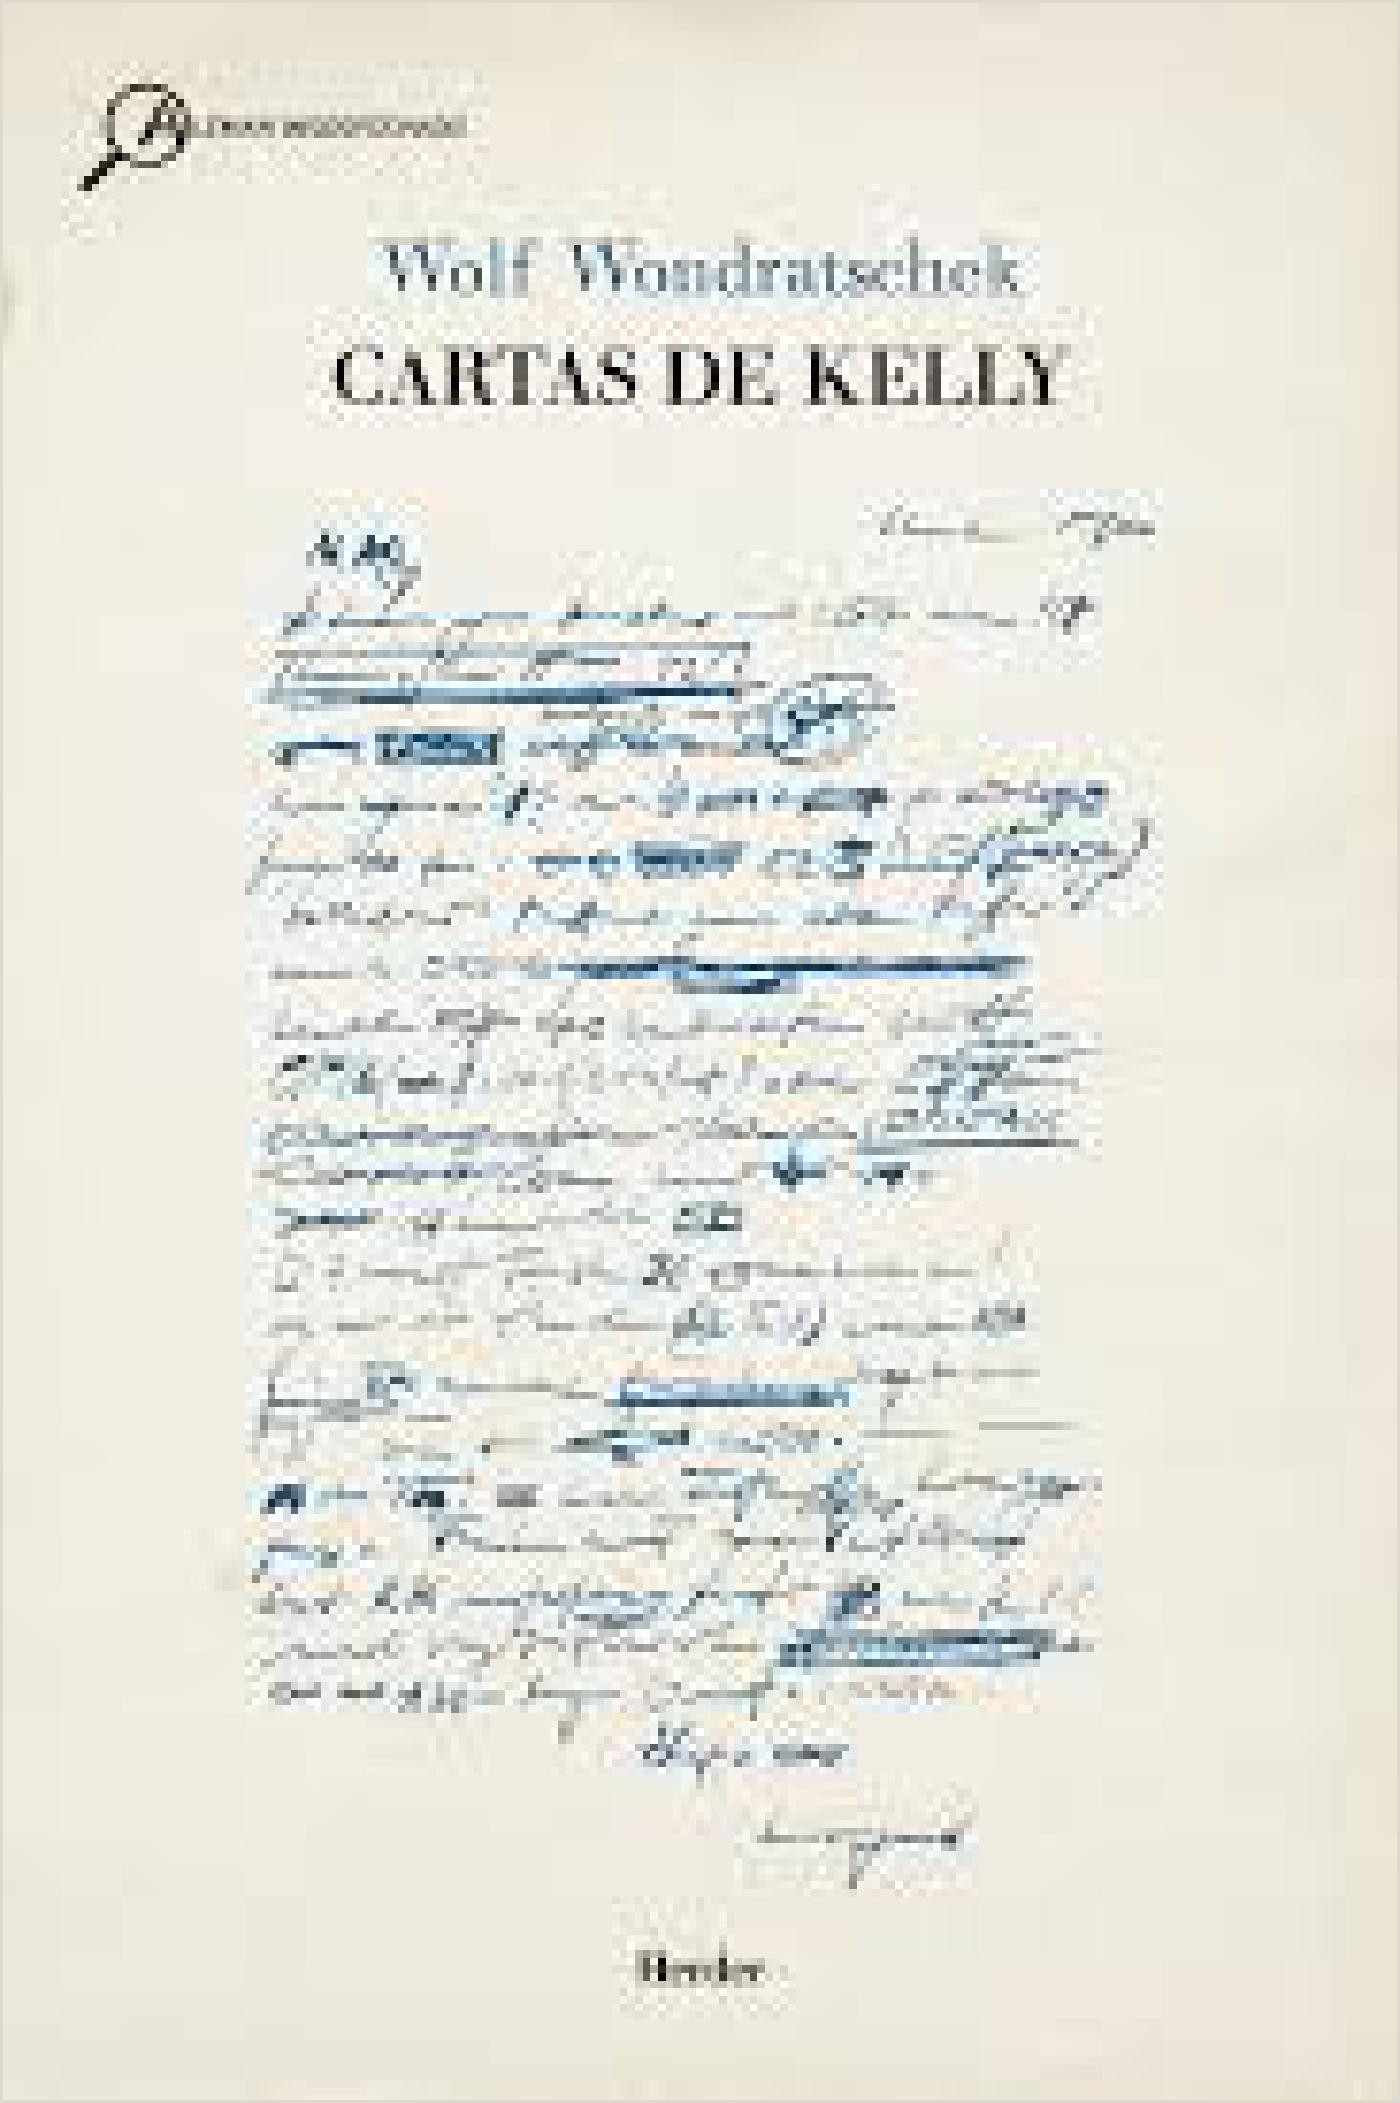 Cartas de Kelly Herder Editorial